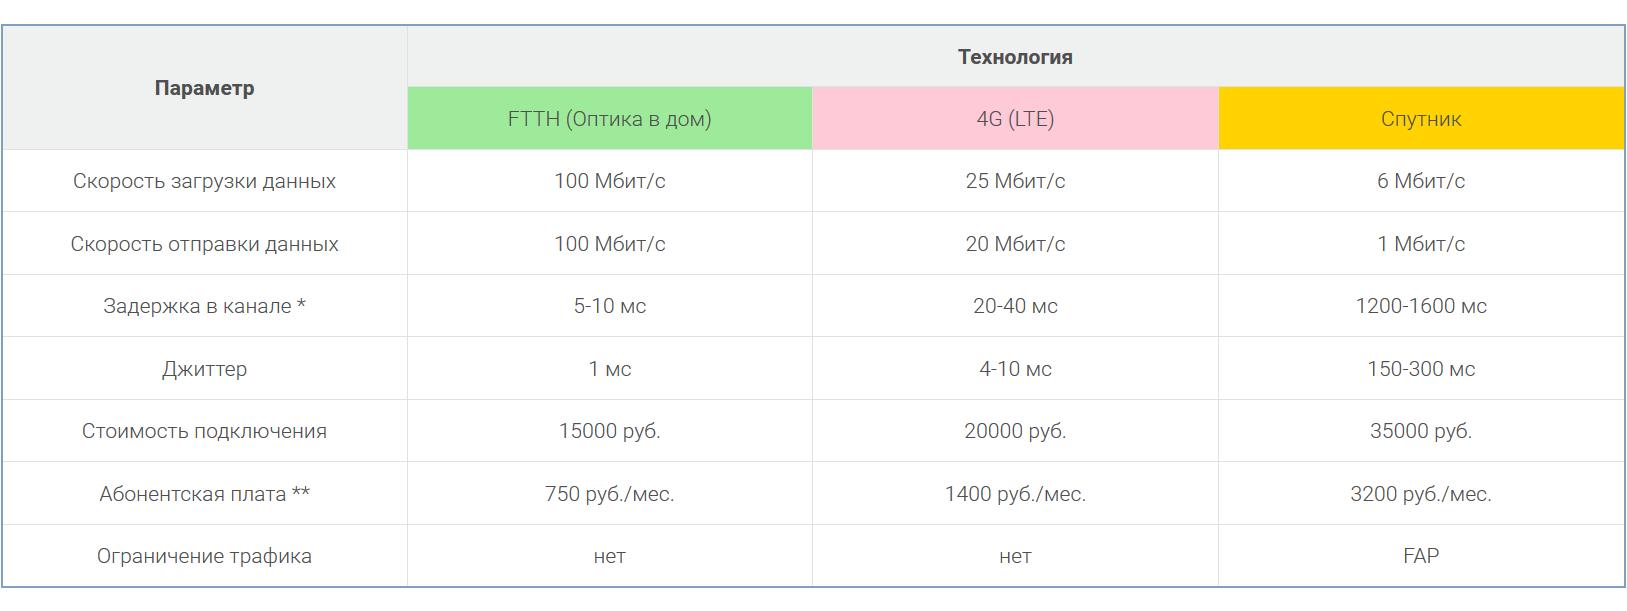 Сравнение технологий передачи данных